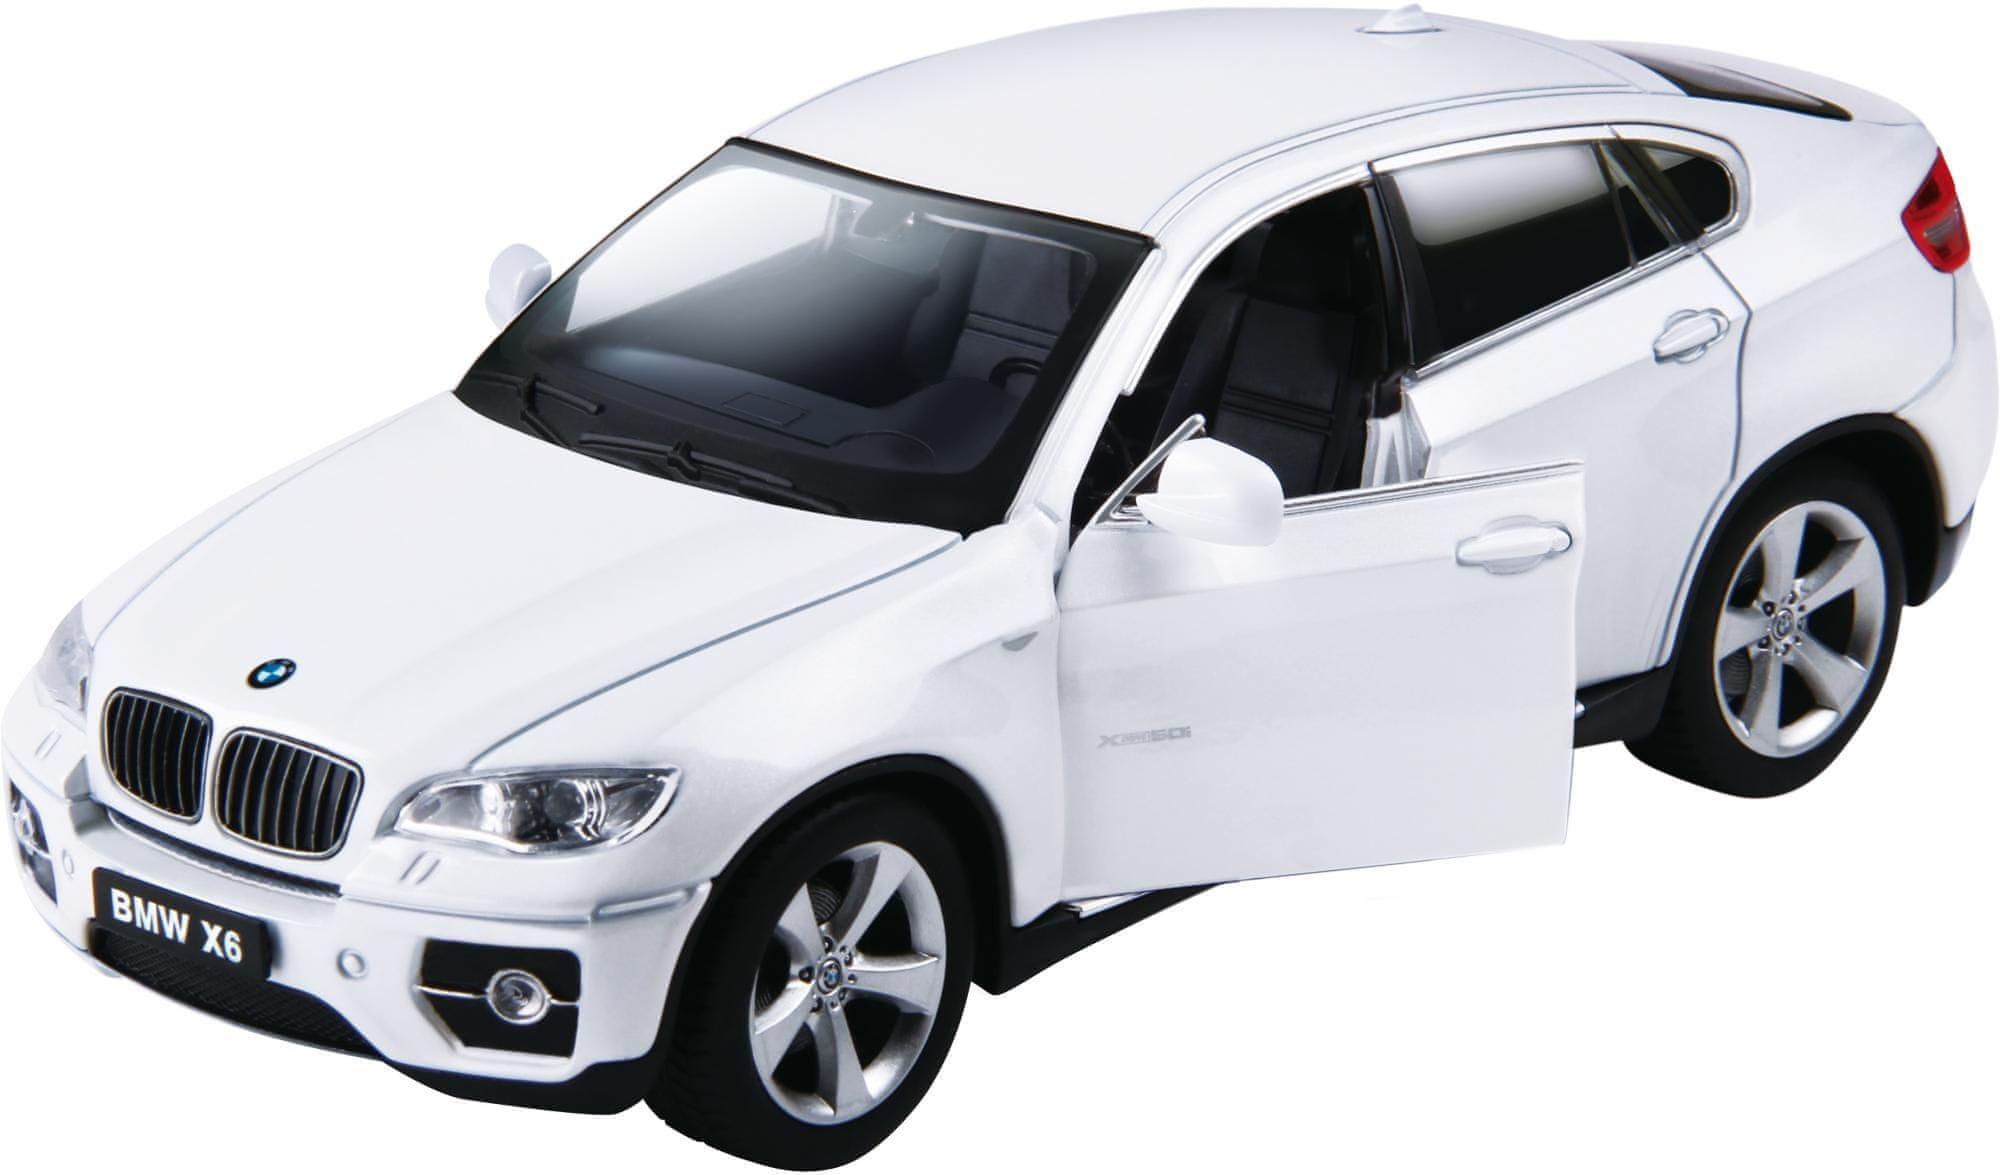 Buddy Toys BMW X6 RC auto 1/24, BEZPŁATNY ODBIÓR: WARSZAWA, WROCŁAW, KATOWICE, KRAKÓW!